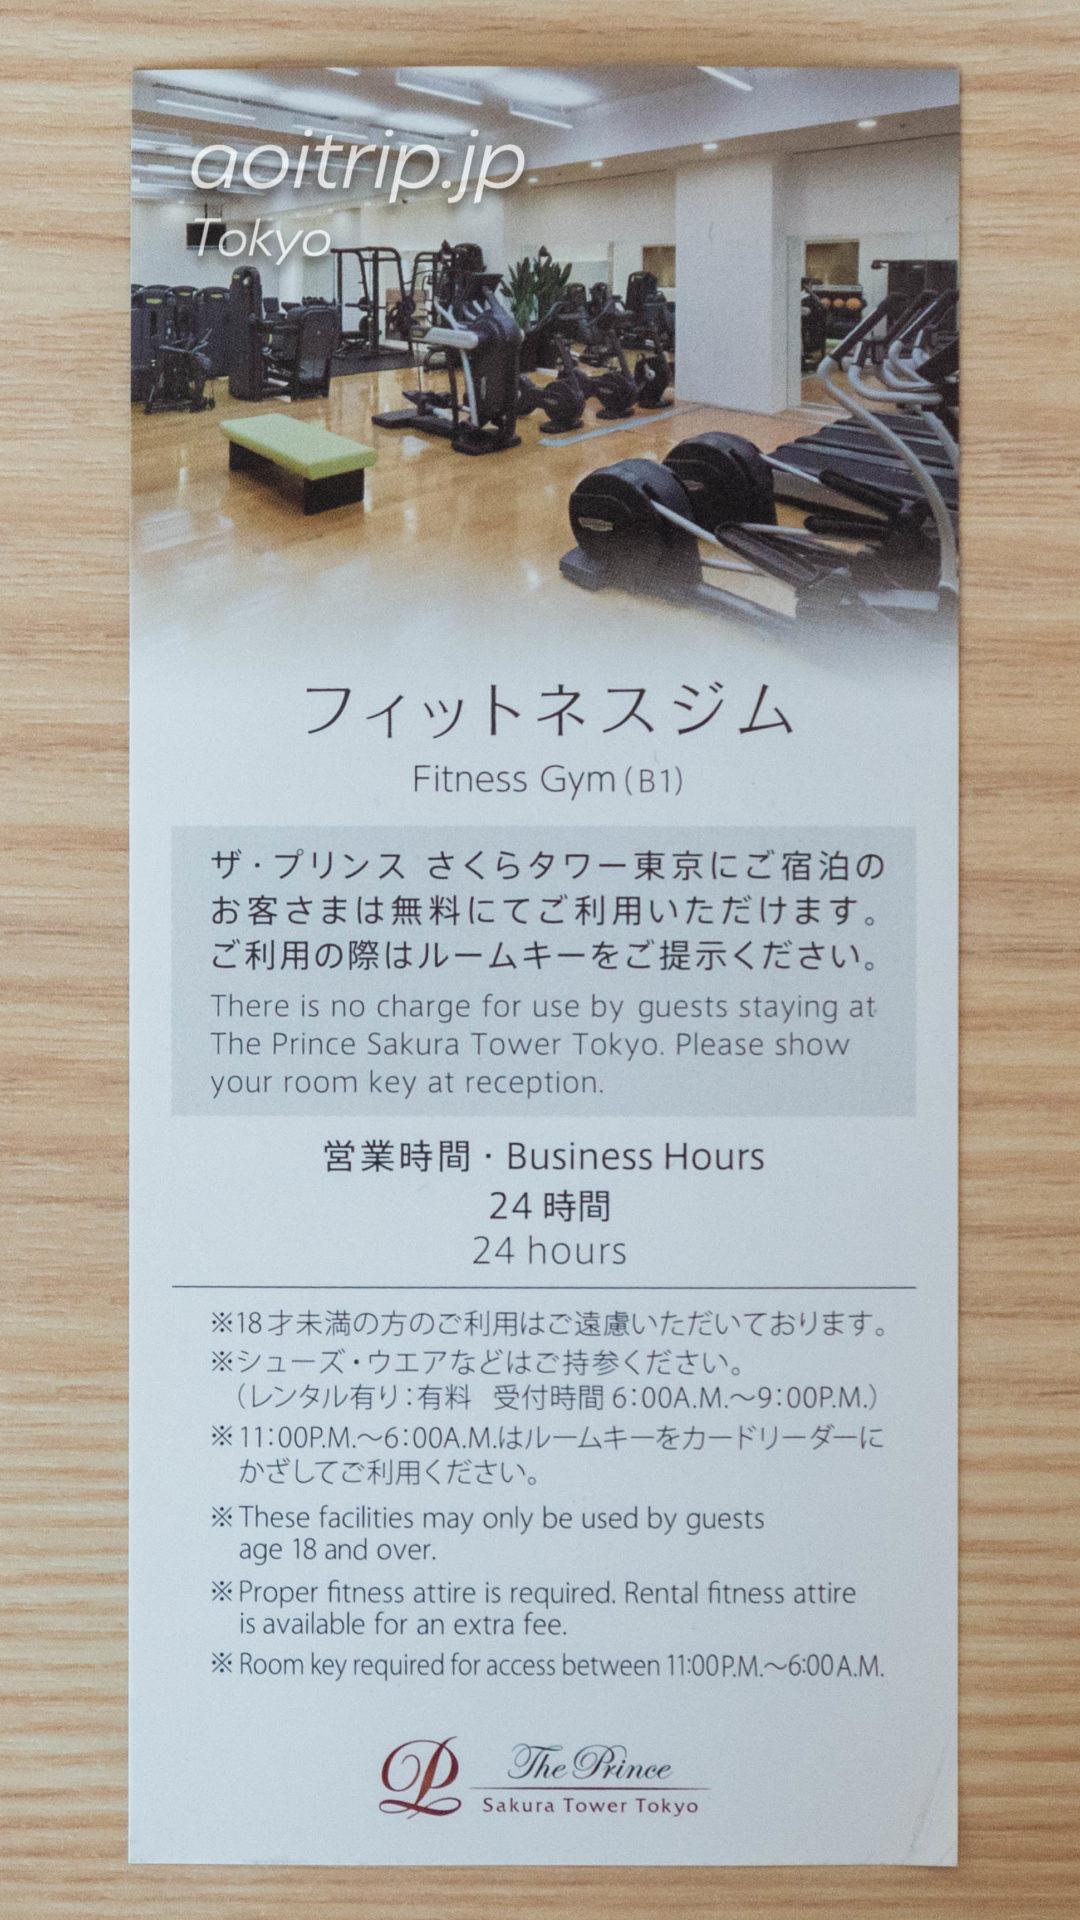 ザ プリンス さくらタワー東京のフィットネスジム